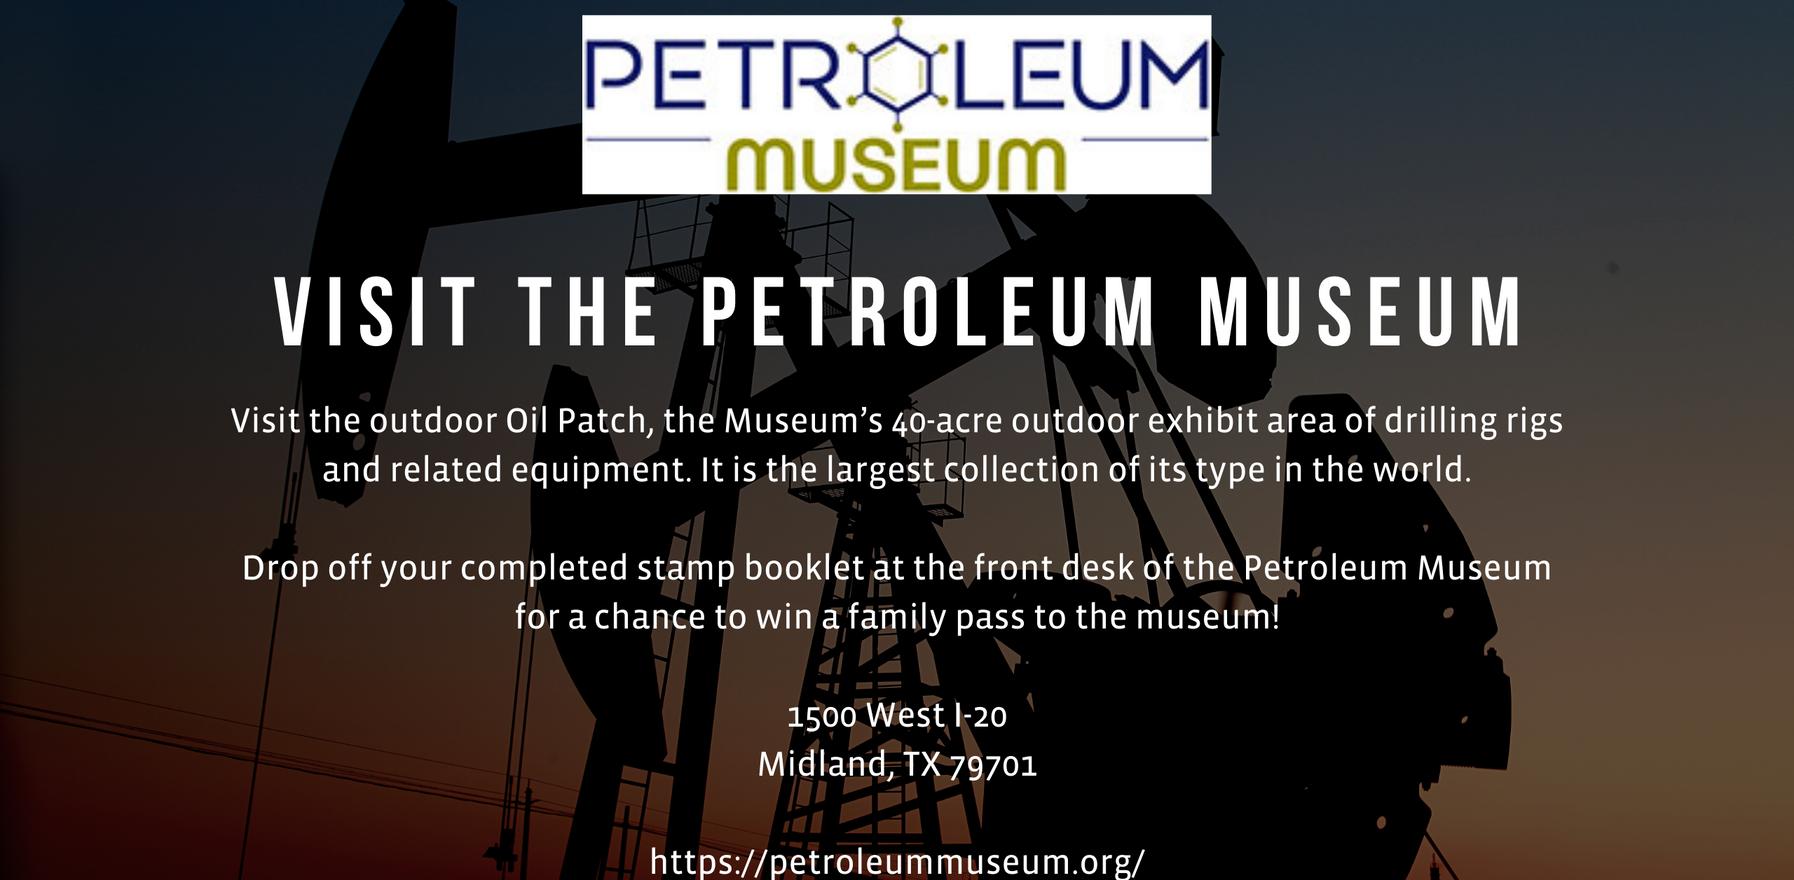 Visit the Petroleum Museum